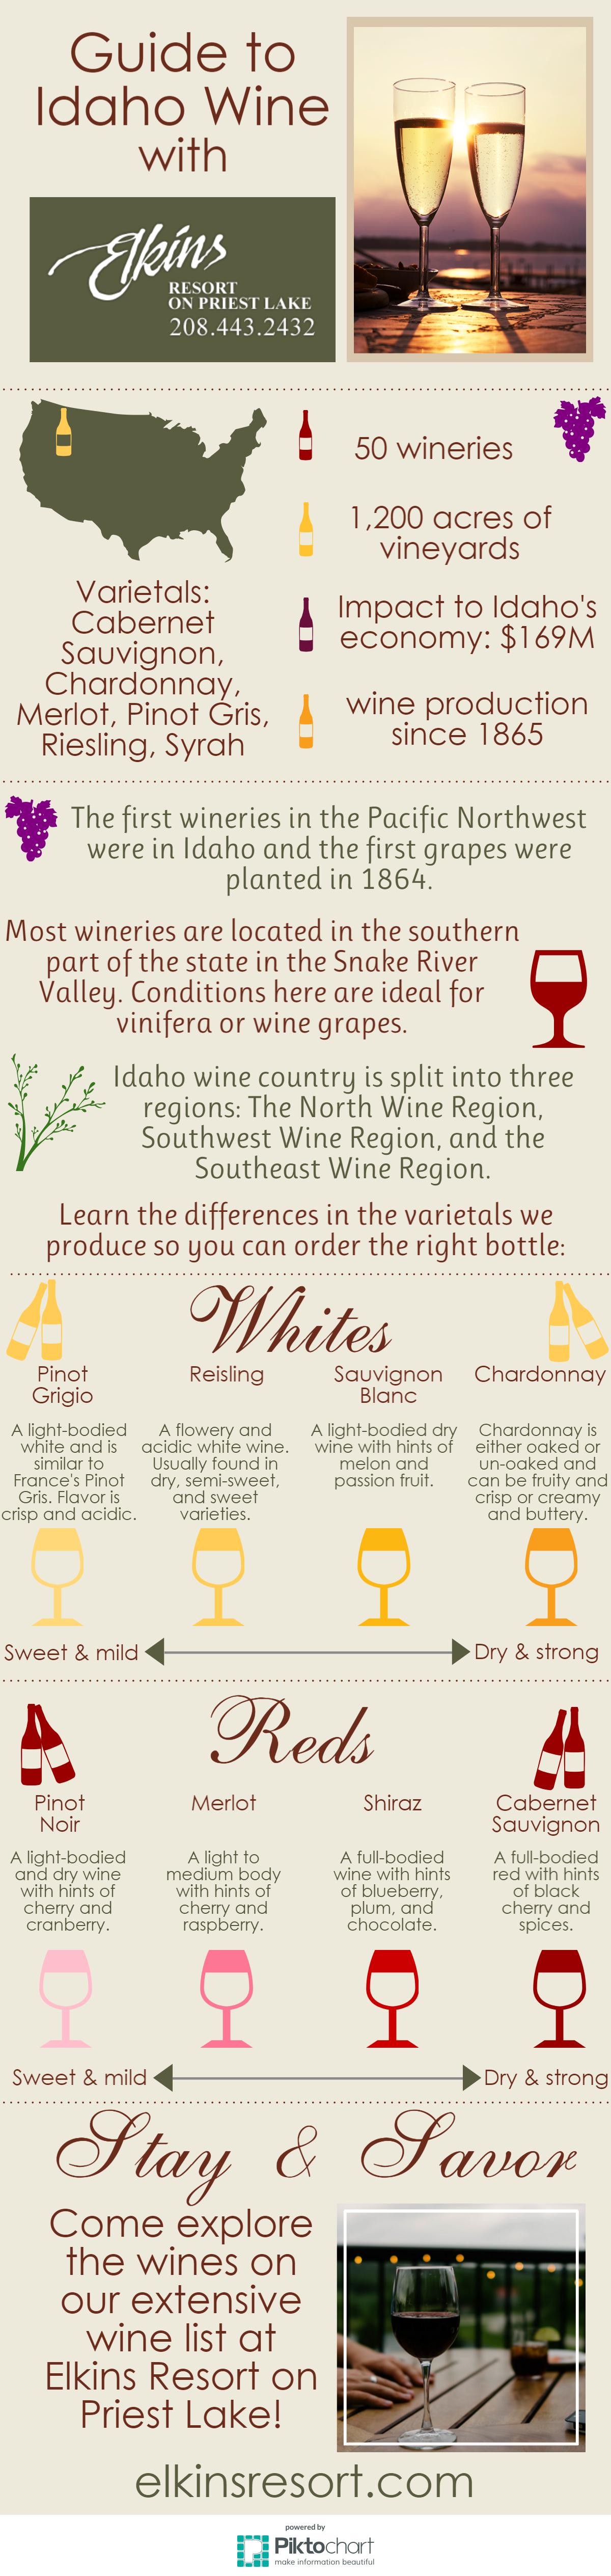 elkins-wine